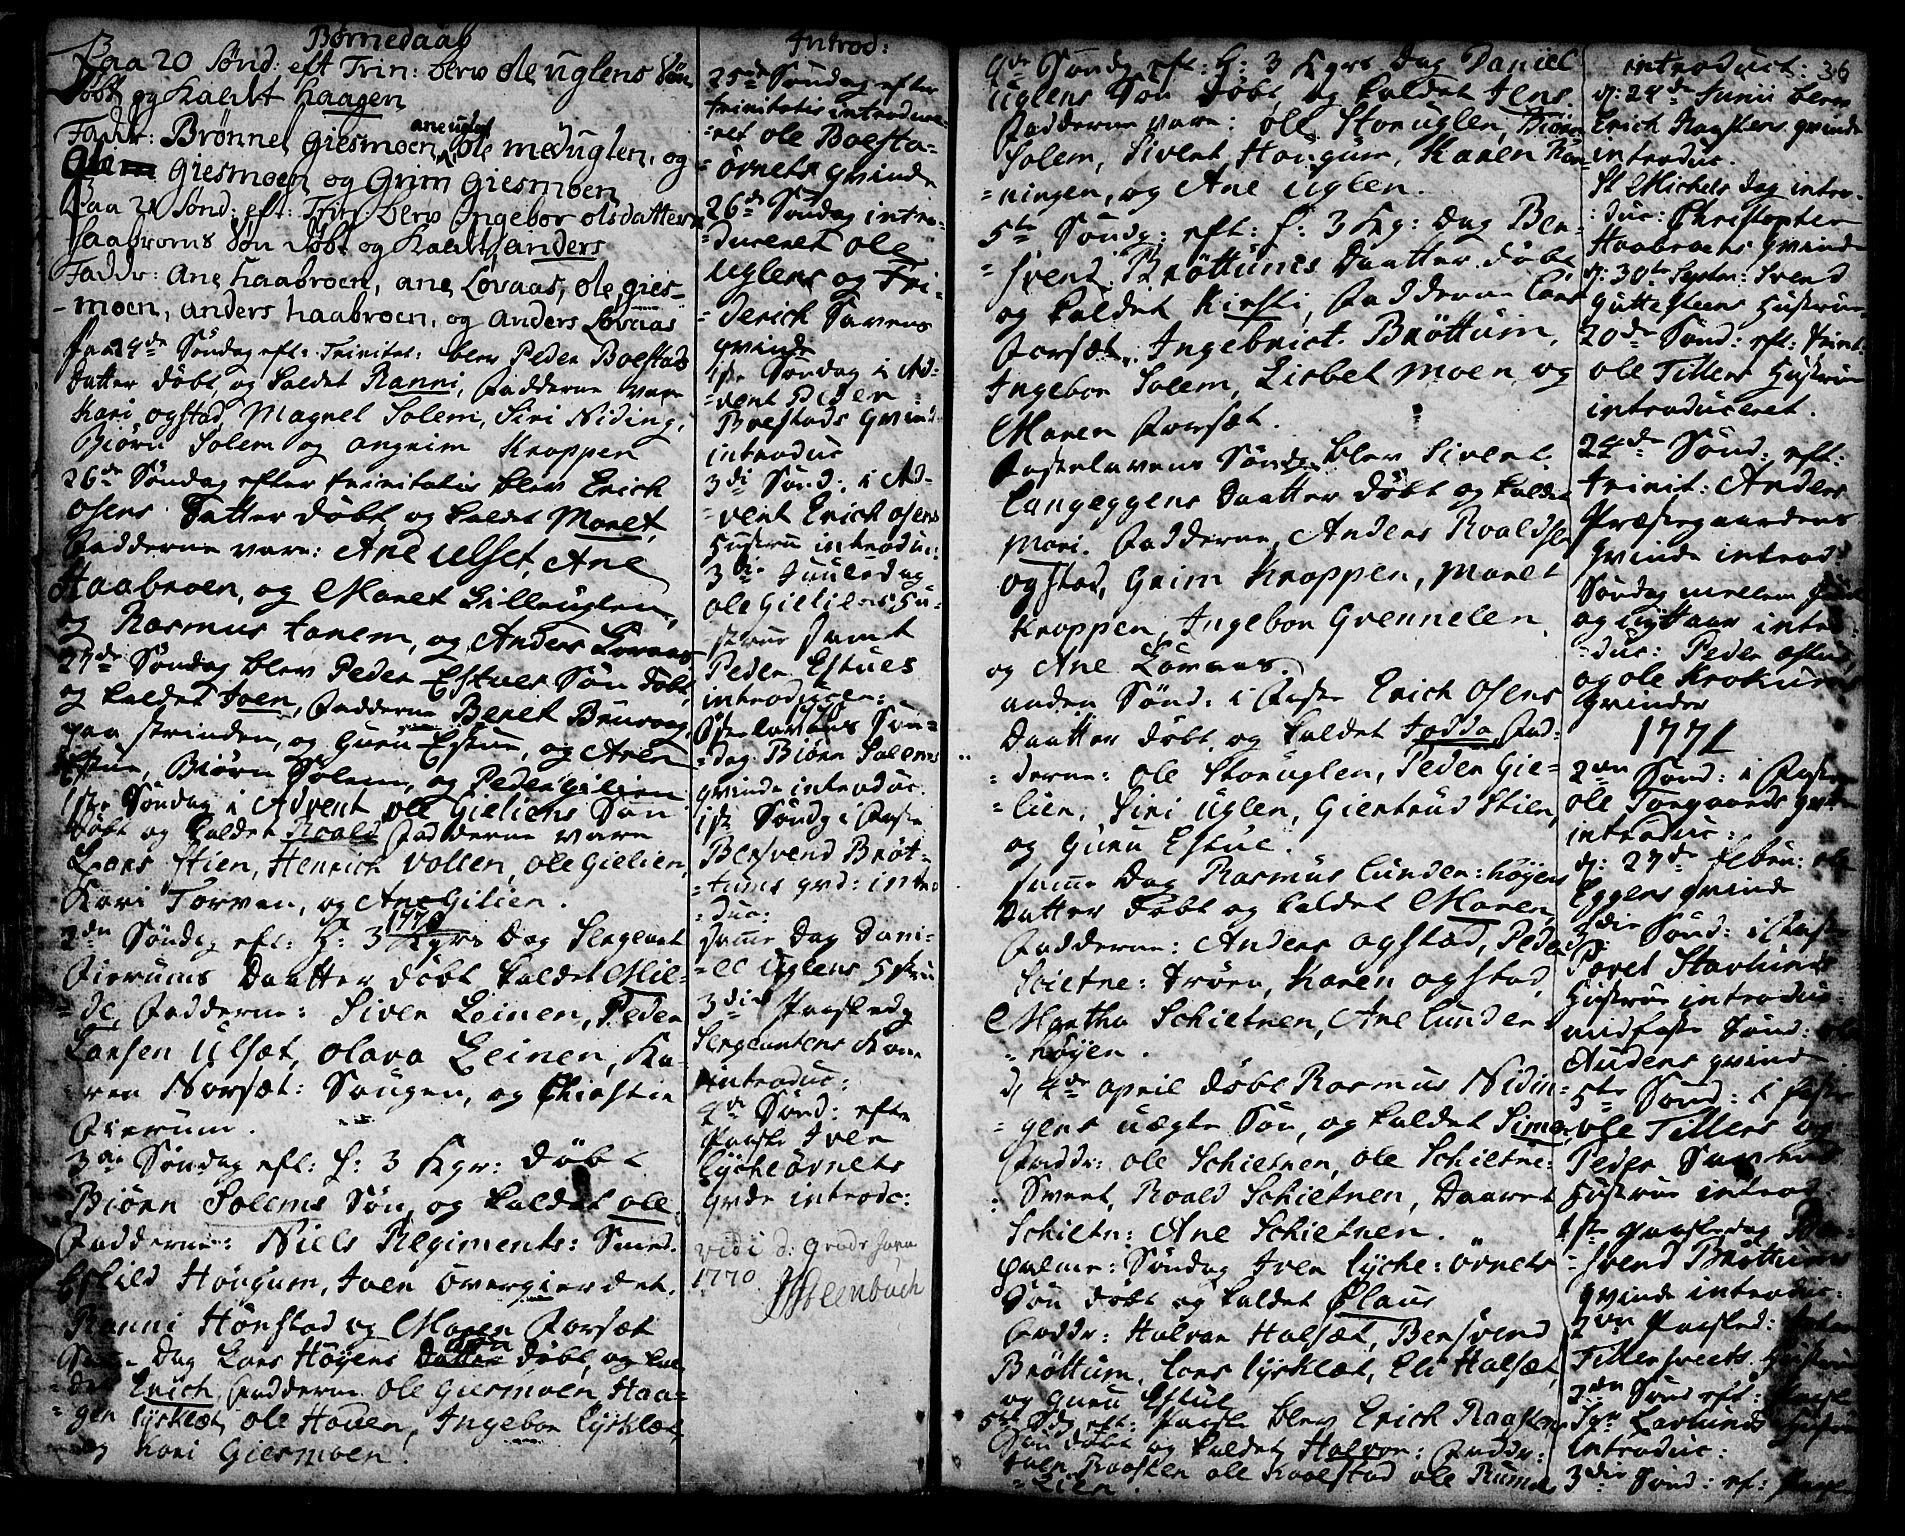 SAT, Ministerialprotokoller, klokkerbøker og fødselsregistre - Sør-Trøndelag, 618/L0437: Ministerialbok nr. 618A02, 1749-1782, s. 36